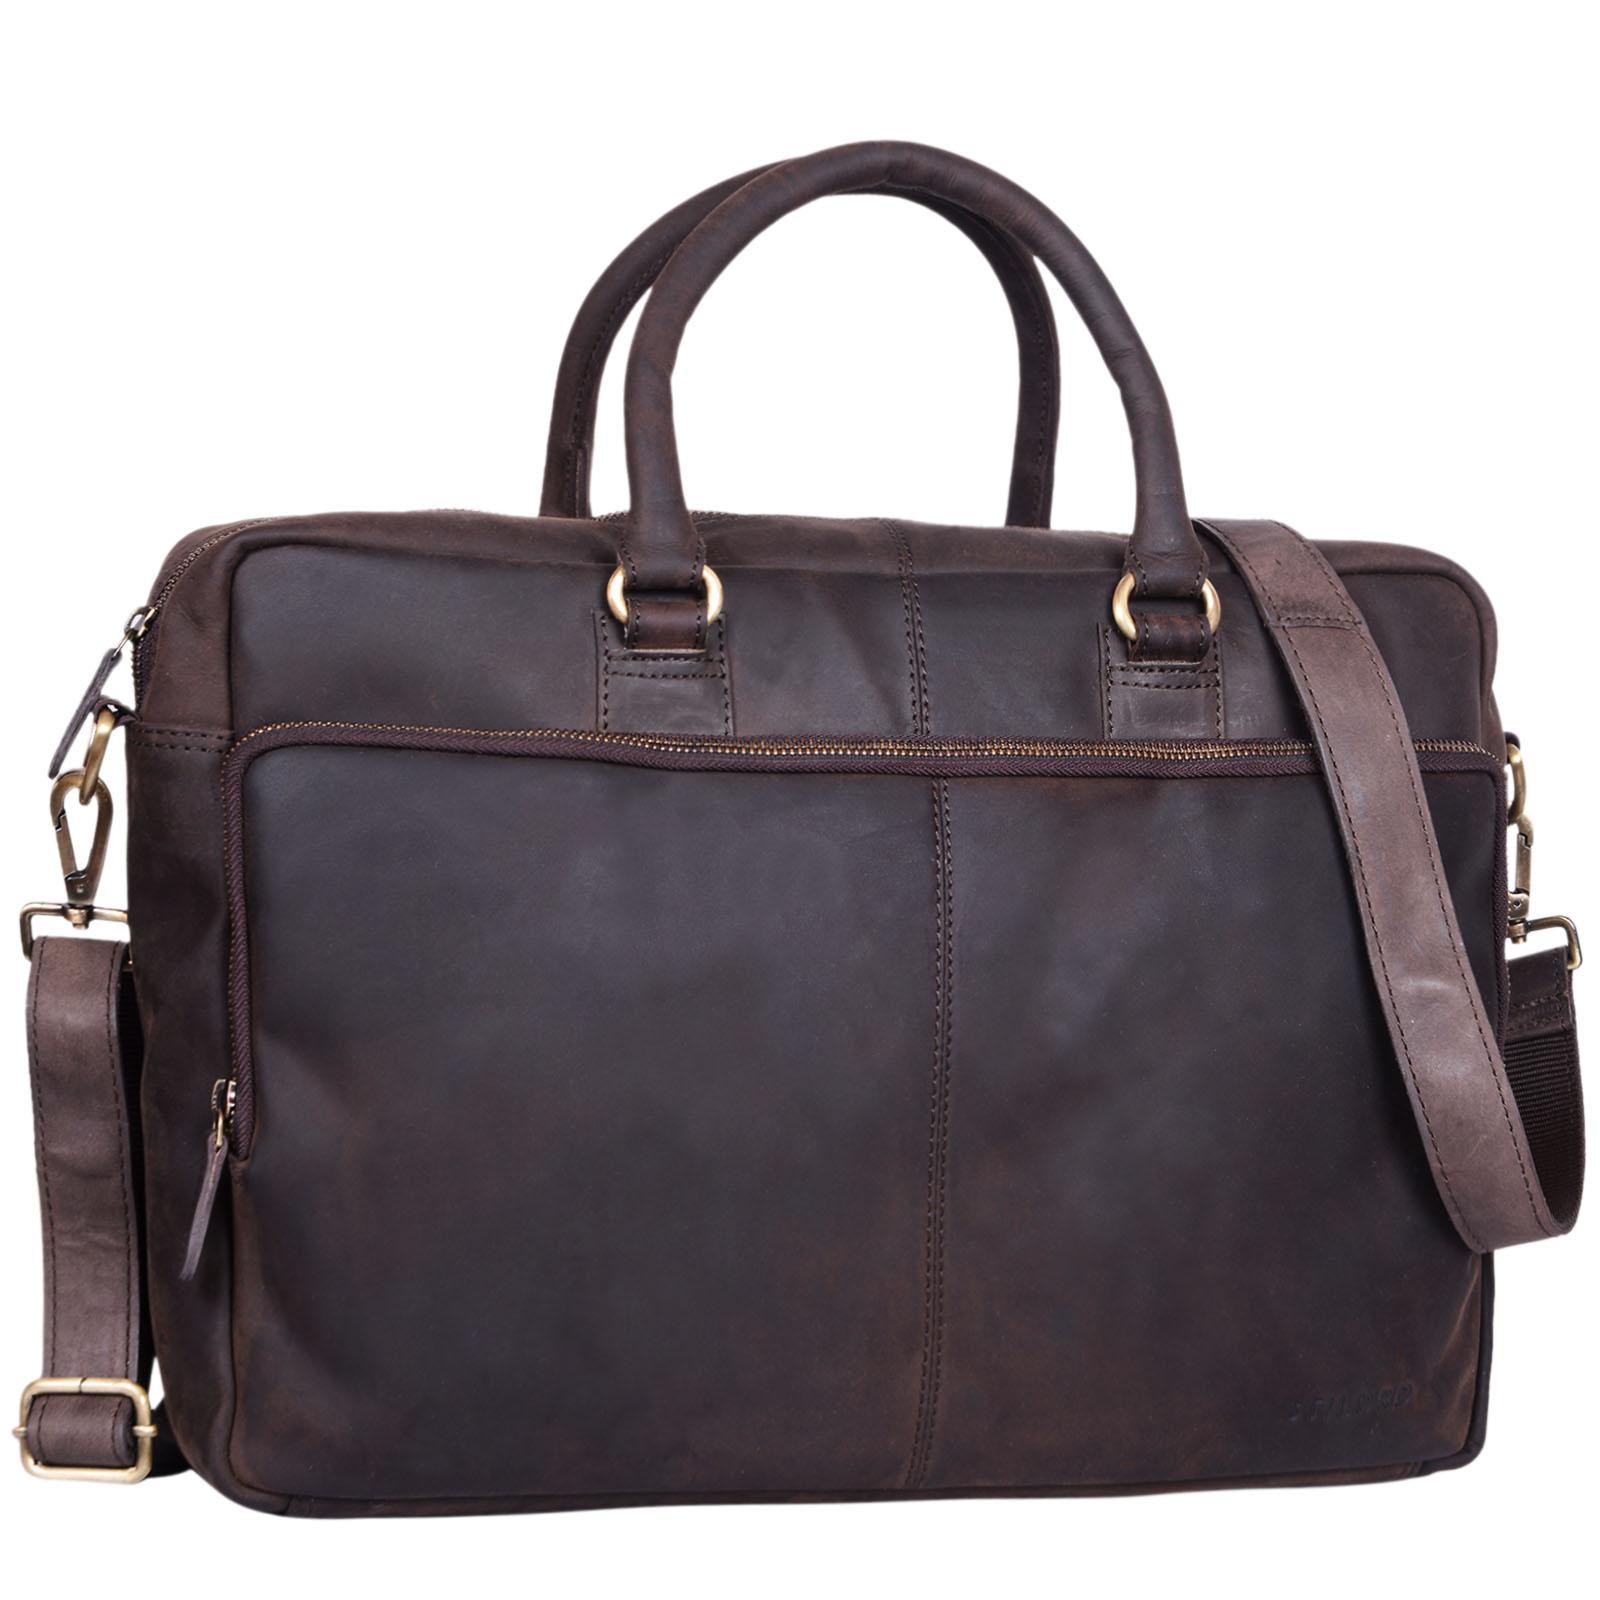 """STILORD """"Aaron"""" Umhängetasche Leder 15,6 Zoll Laptoptasche Aktentasche Bürotasche Unitasche mit Schultergurt Business Vintage - Bild 12"""